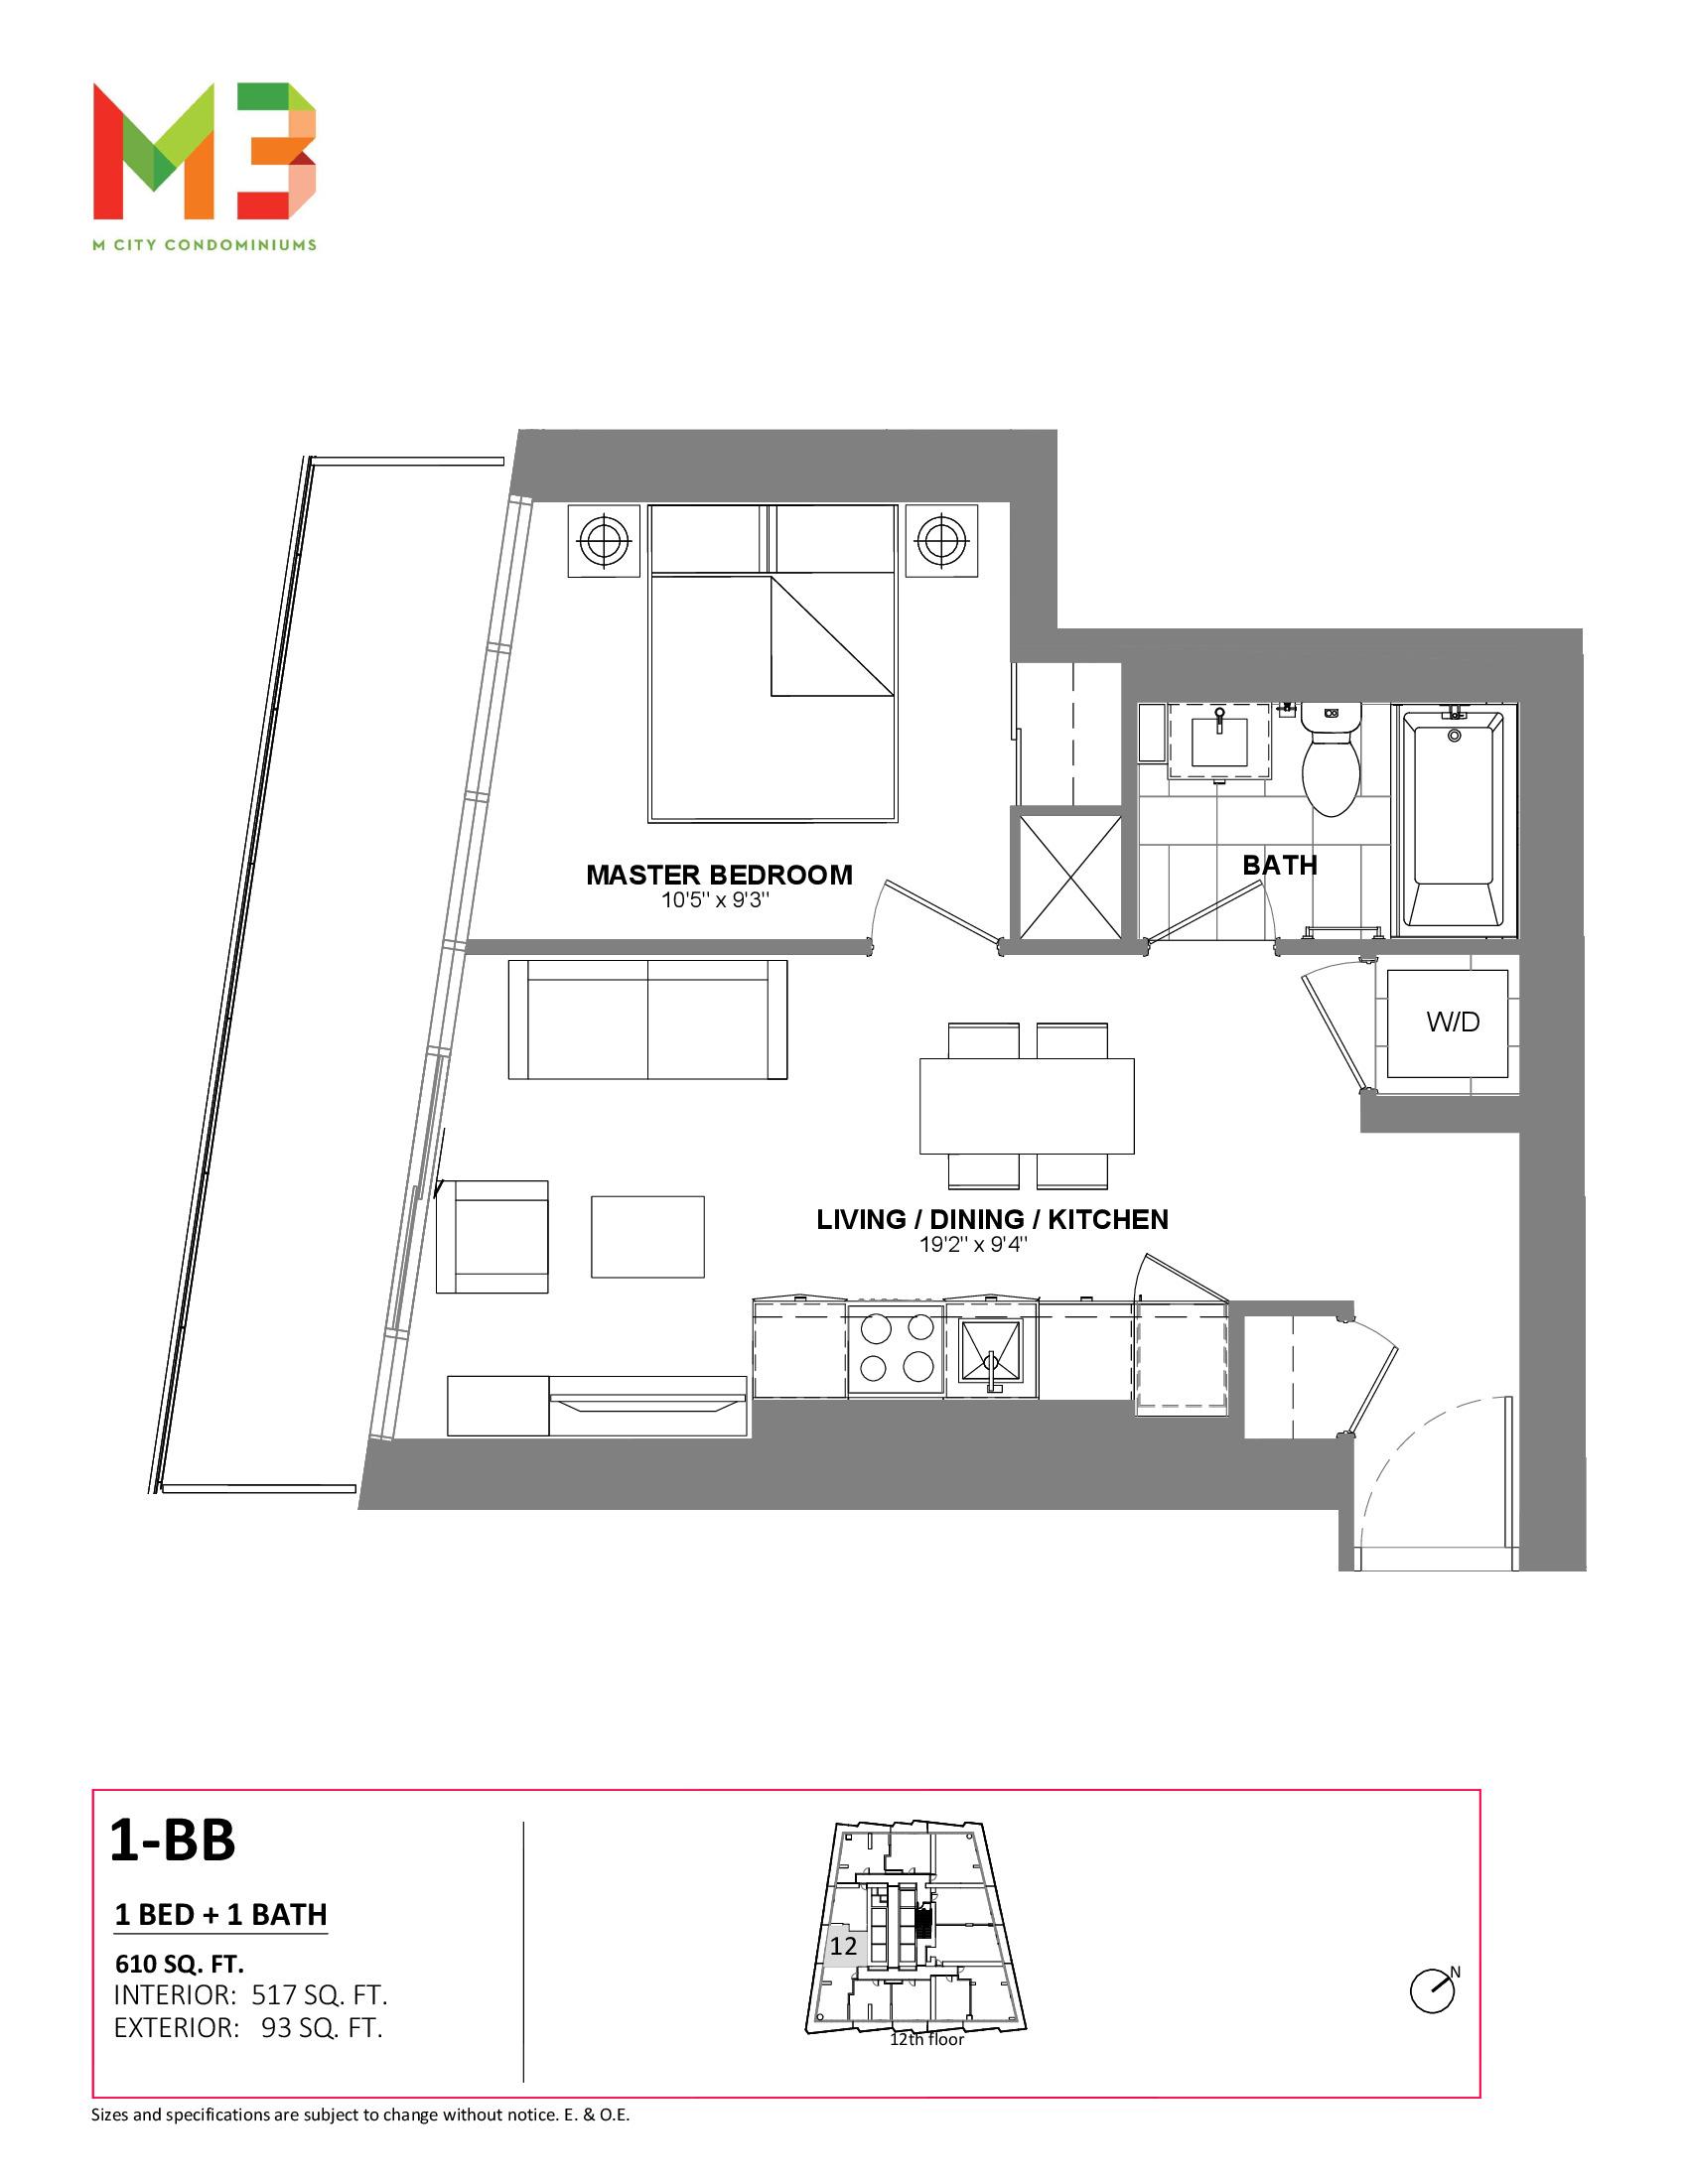 1-BB Floor Plan at M3 Condos - 517 sq.ft